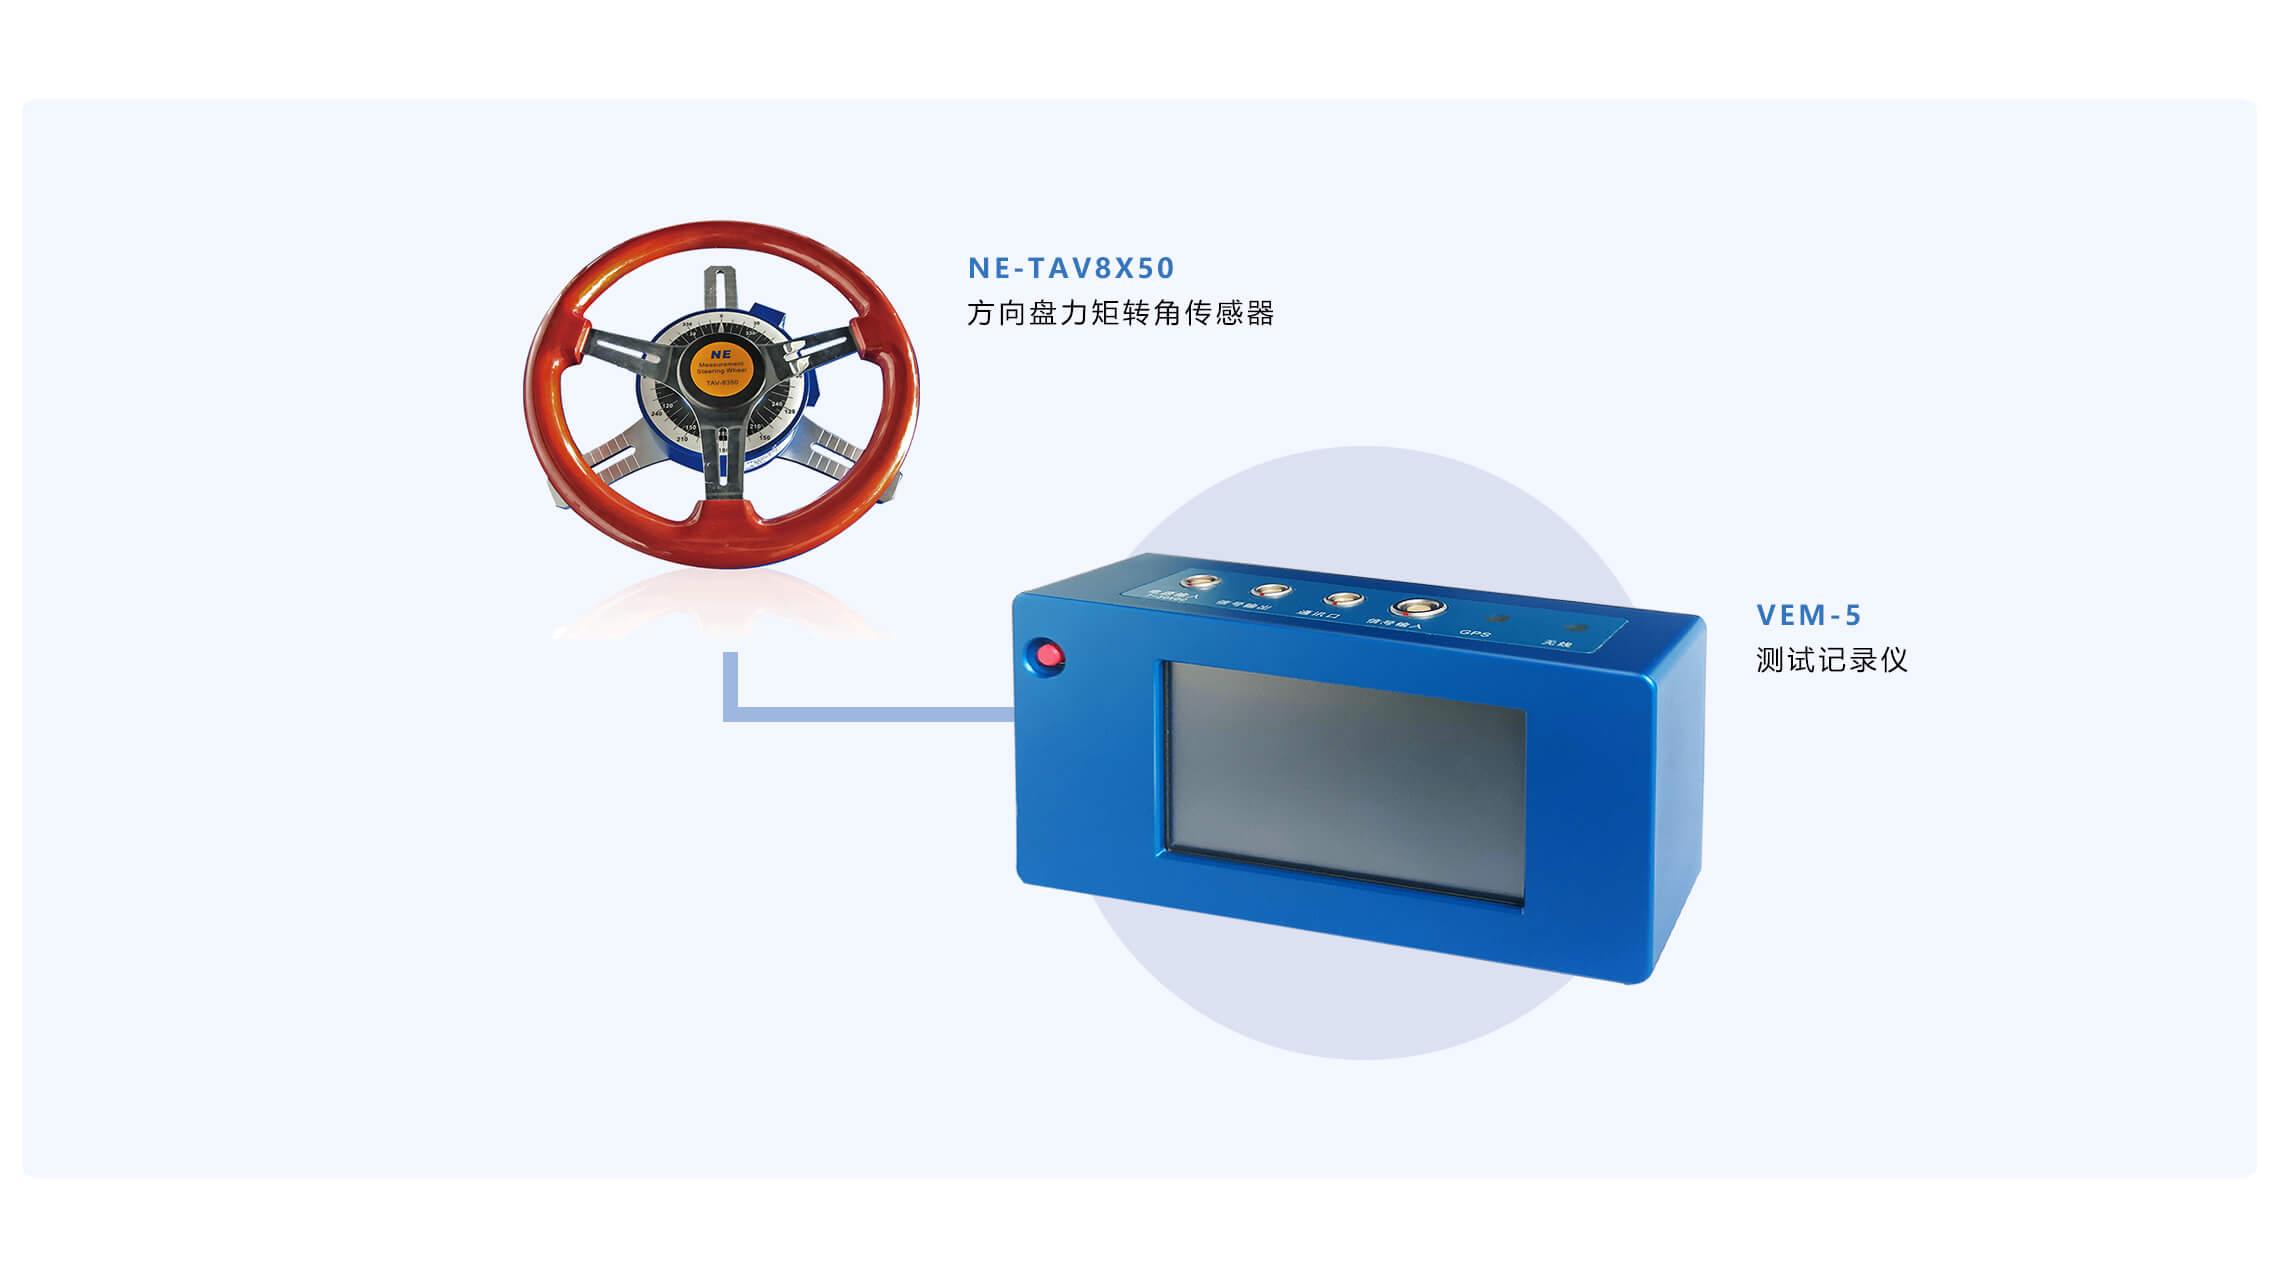 测力方向盘转向力角检测仪系统配置